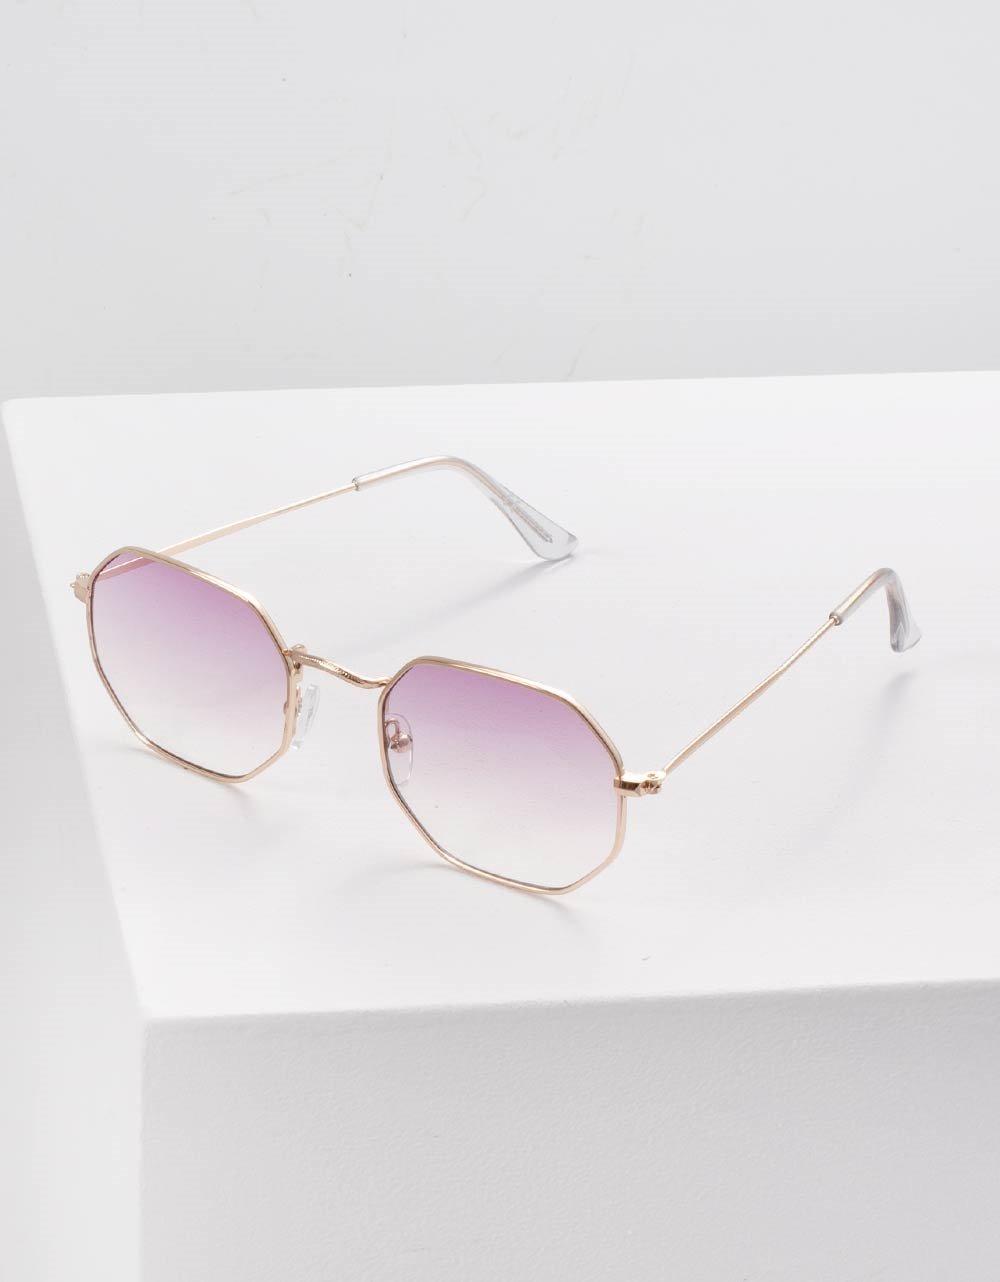 Εικόνα από Γυναικεία γυαλιά ηλίου με λεπτό σκελετό Μωβ